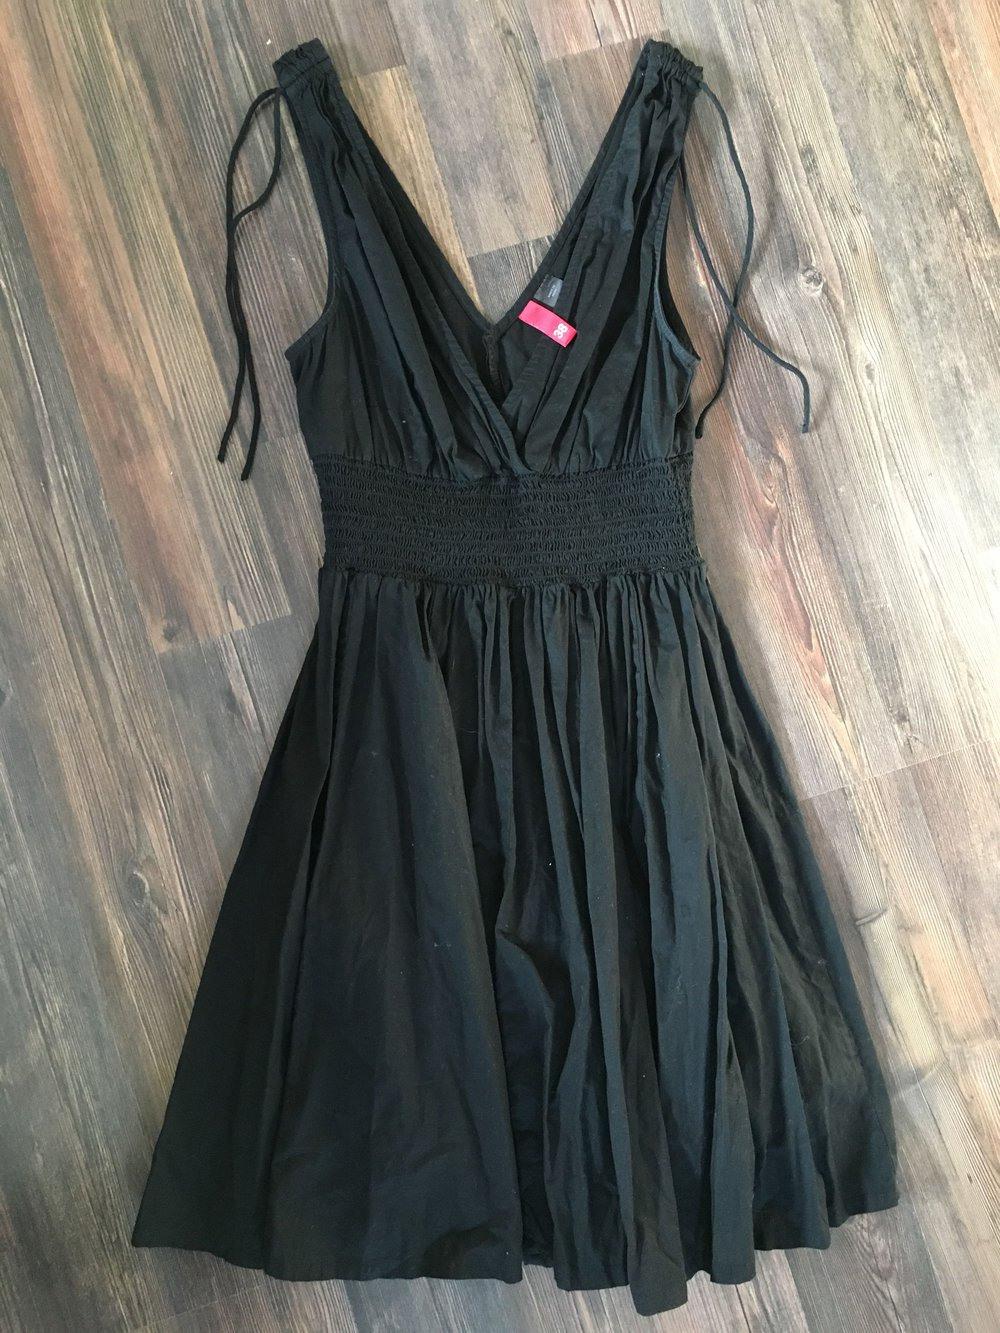 17 Top Schwarzes Kleid Größe 50 VertriebDesigner Coolste Schwarzes Kleid Größe 50 Bester Preis